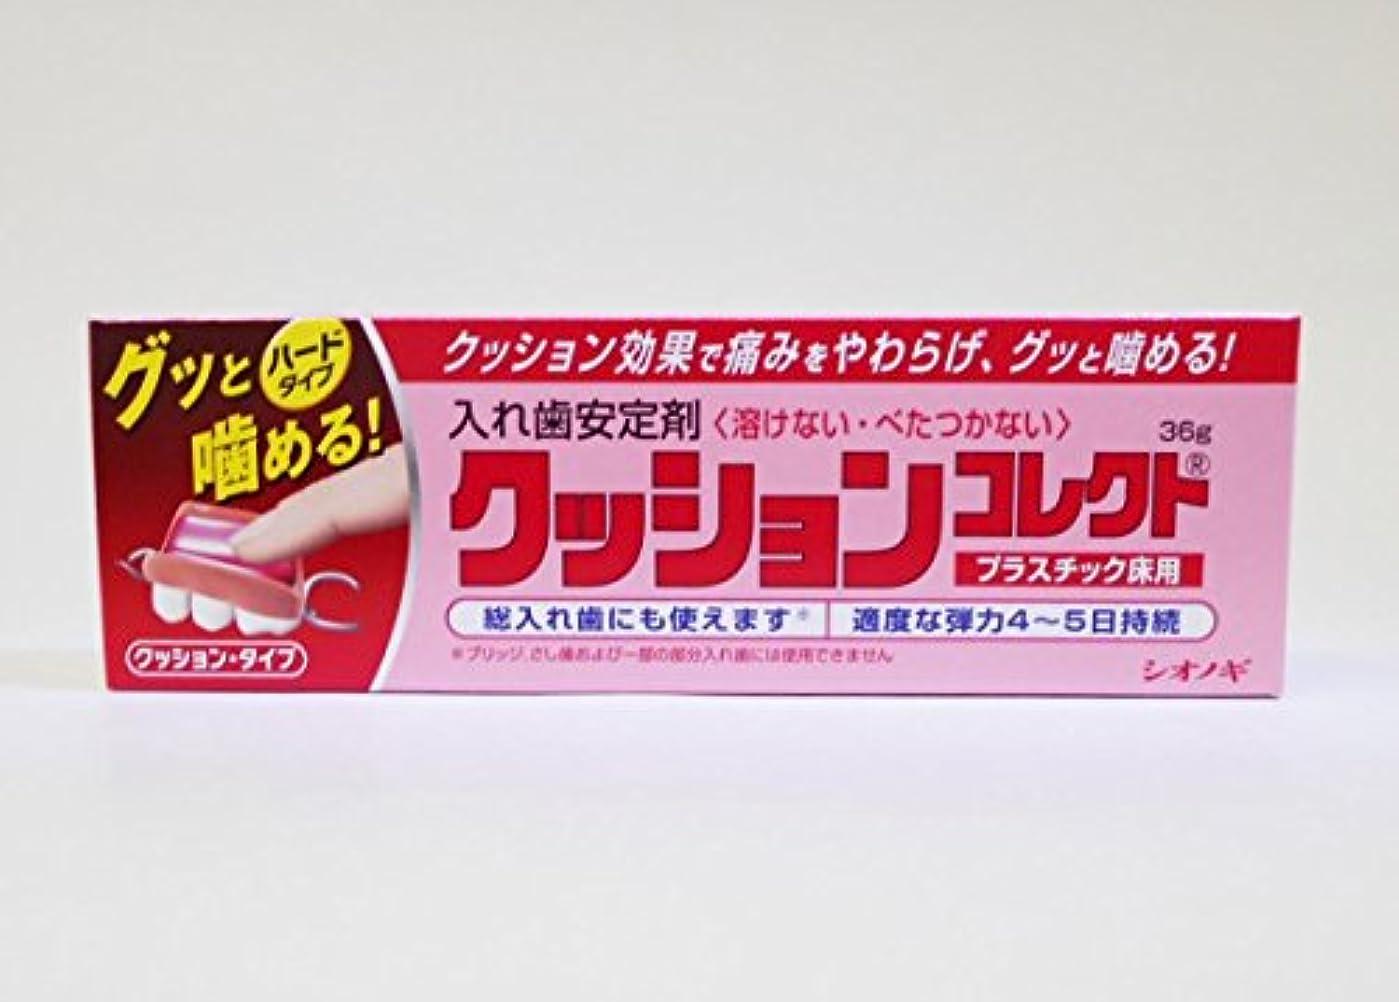 協会スラッシュ隠【シオノギ製薬】クッションコレクト 36g ×5個セット